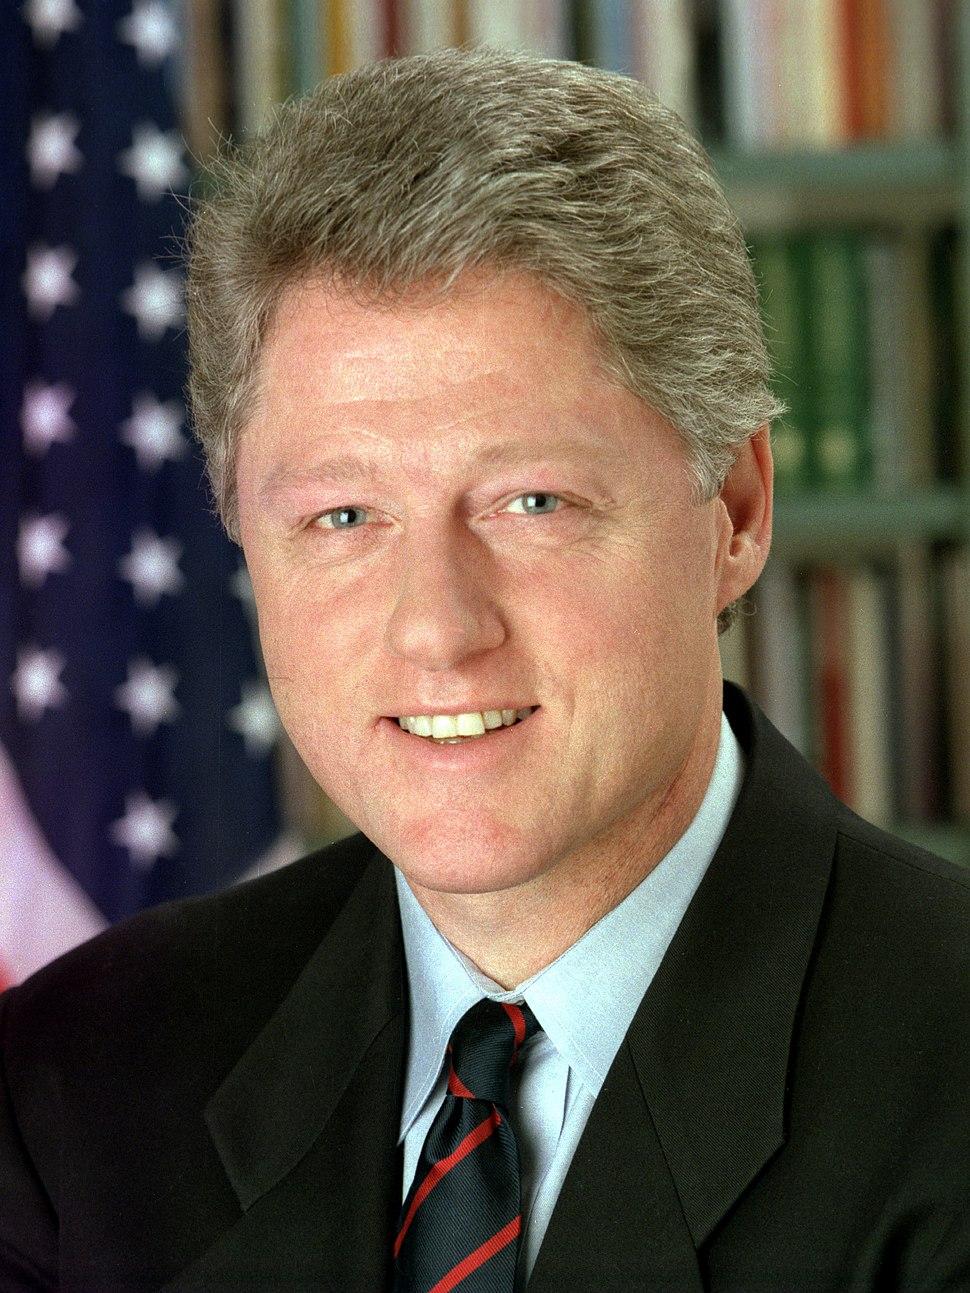 44 Bill Clinton 3x4